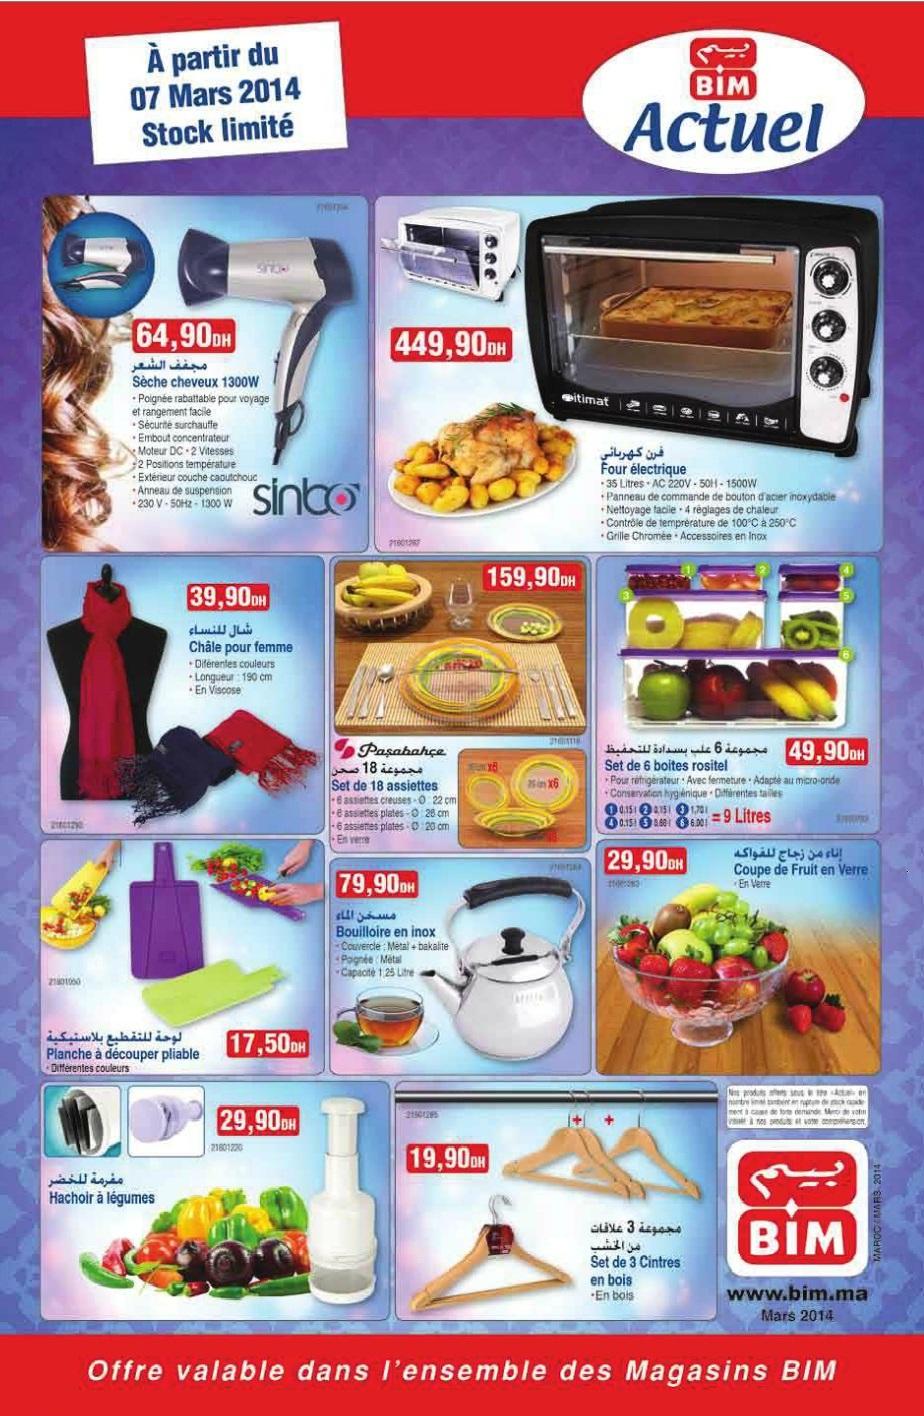 Catalogue De Bim Offres Amp Soldes Mois Mars 2014 Promotion Au Maroc